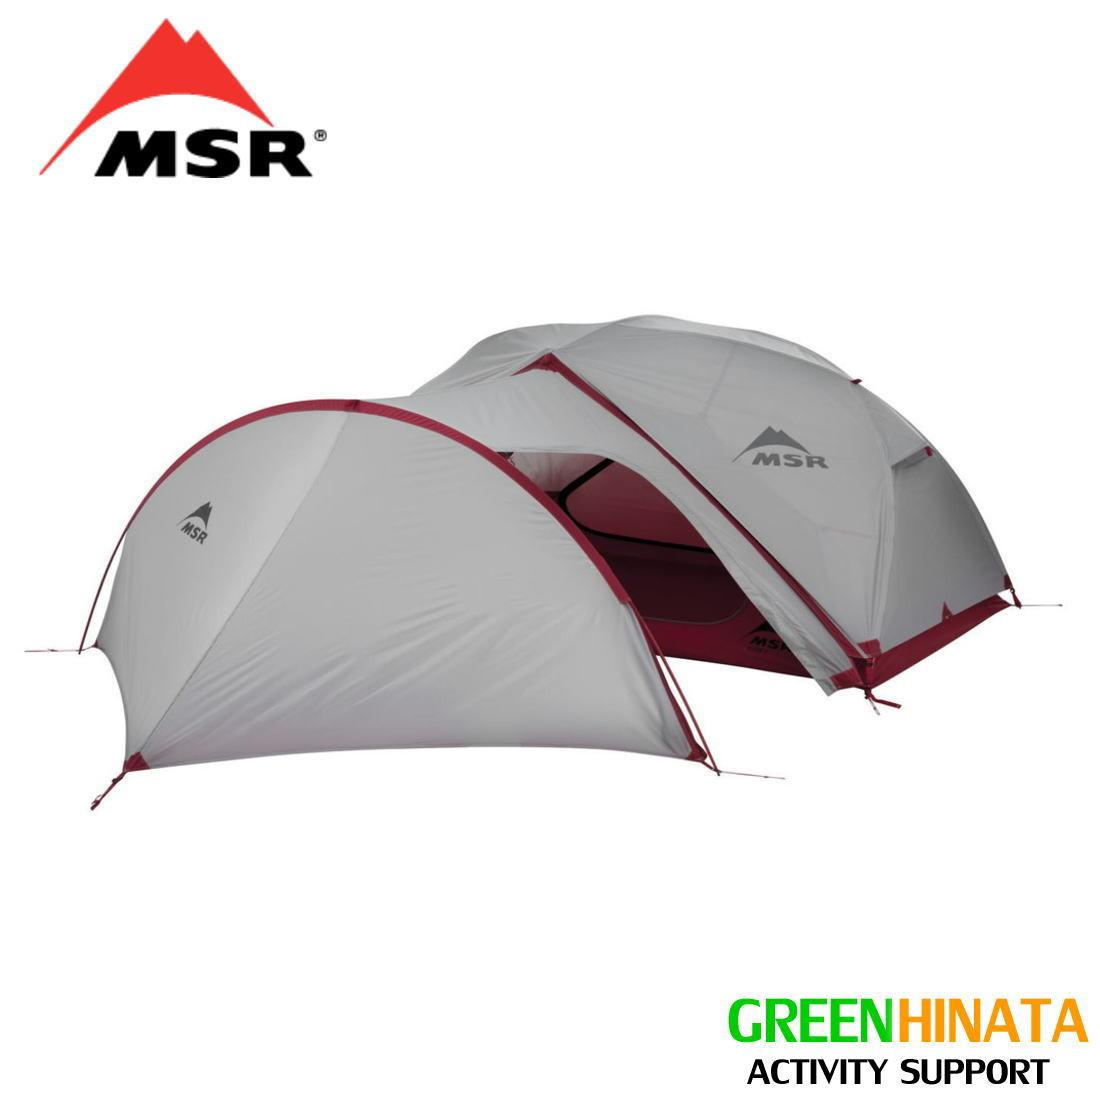 【国内正規品】 エムエスアール ギアシェッド テントオプション MSR Gear Shed for Elixir & Hubba Tent Series 2018 37314